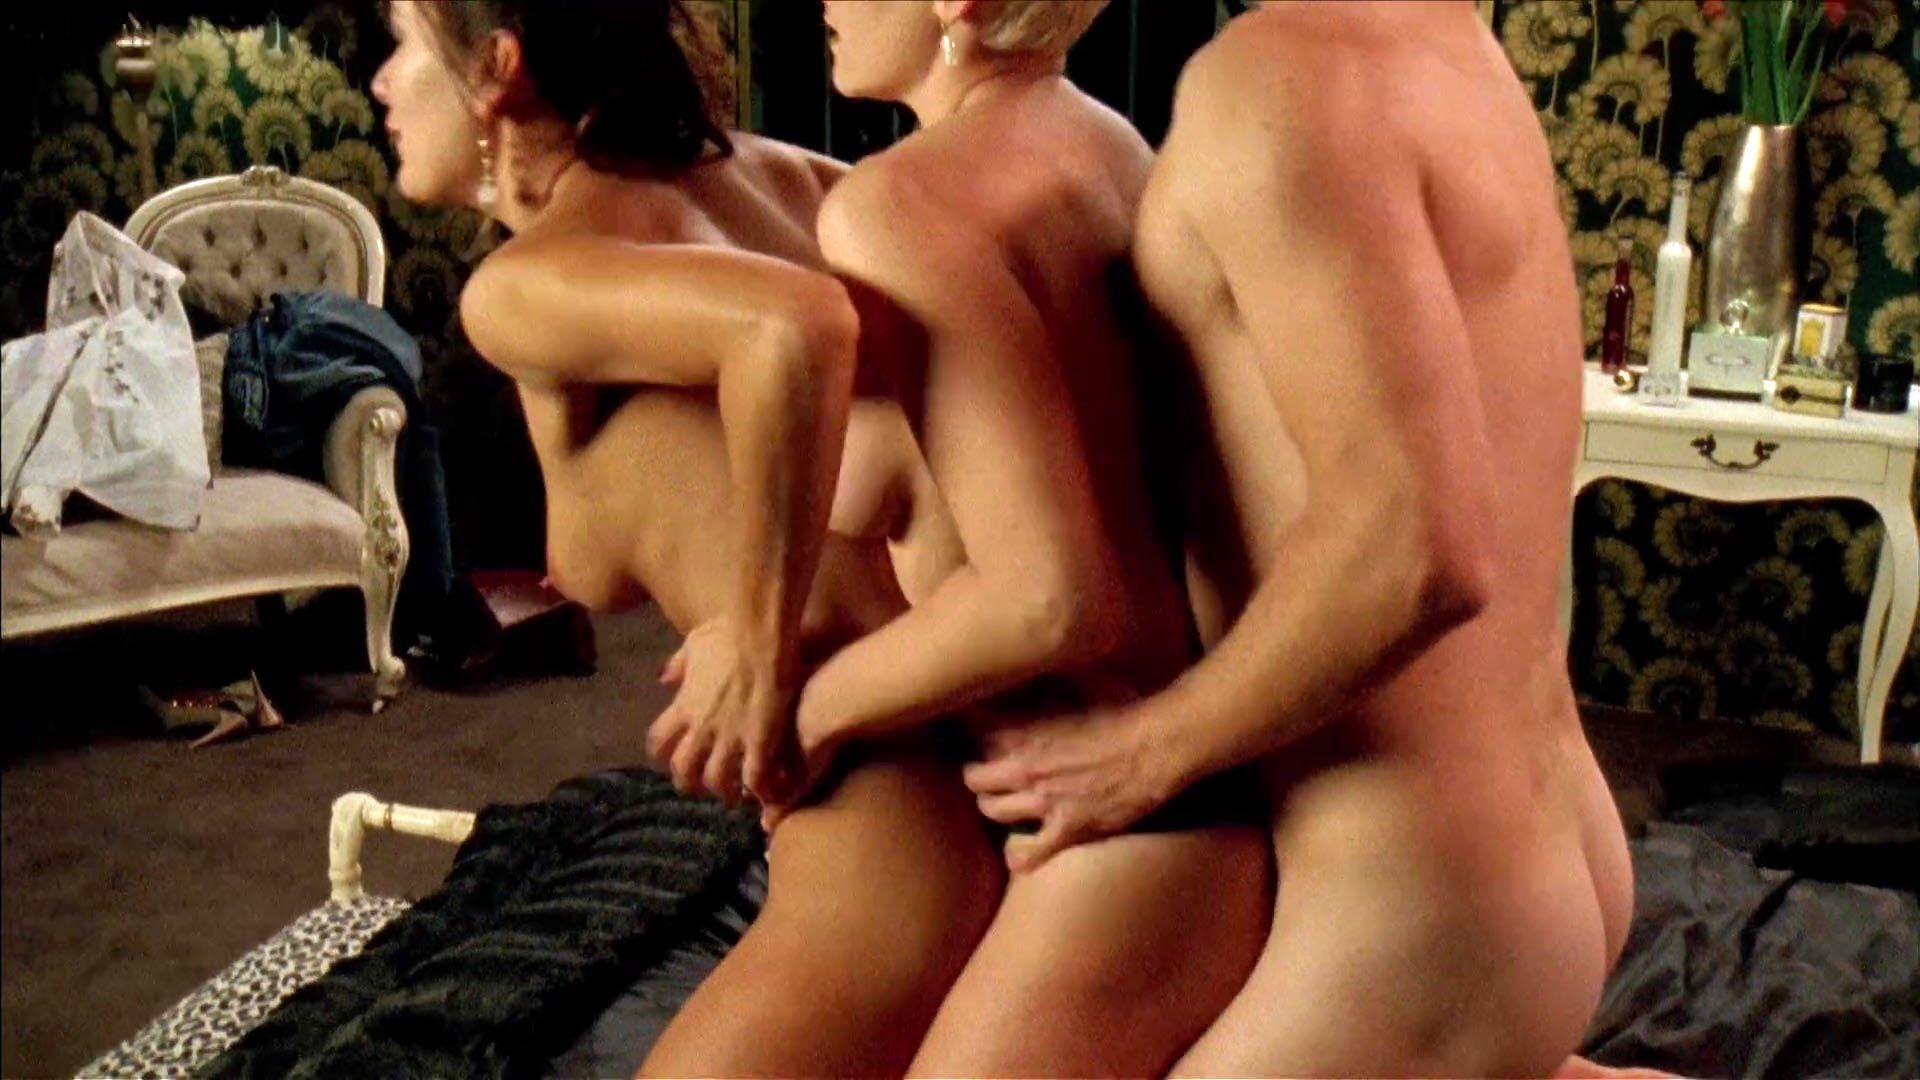 Peta Sergeant nude - Satisfaction s02e02-06 (2009)